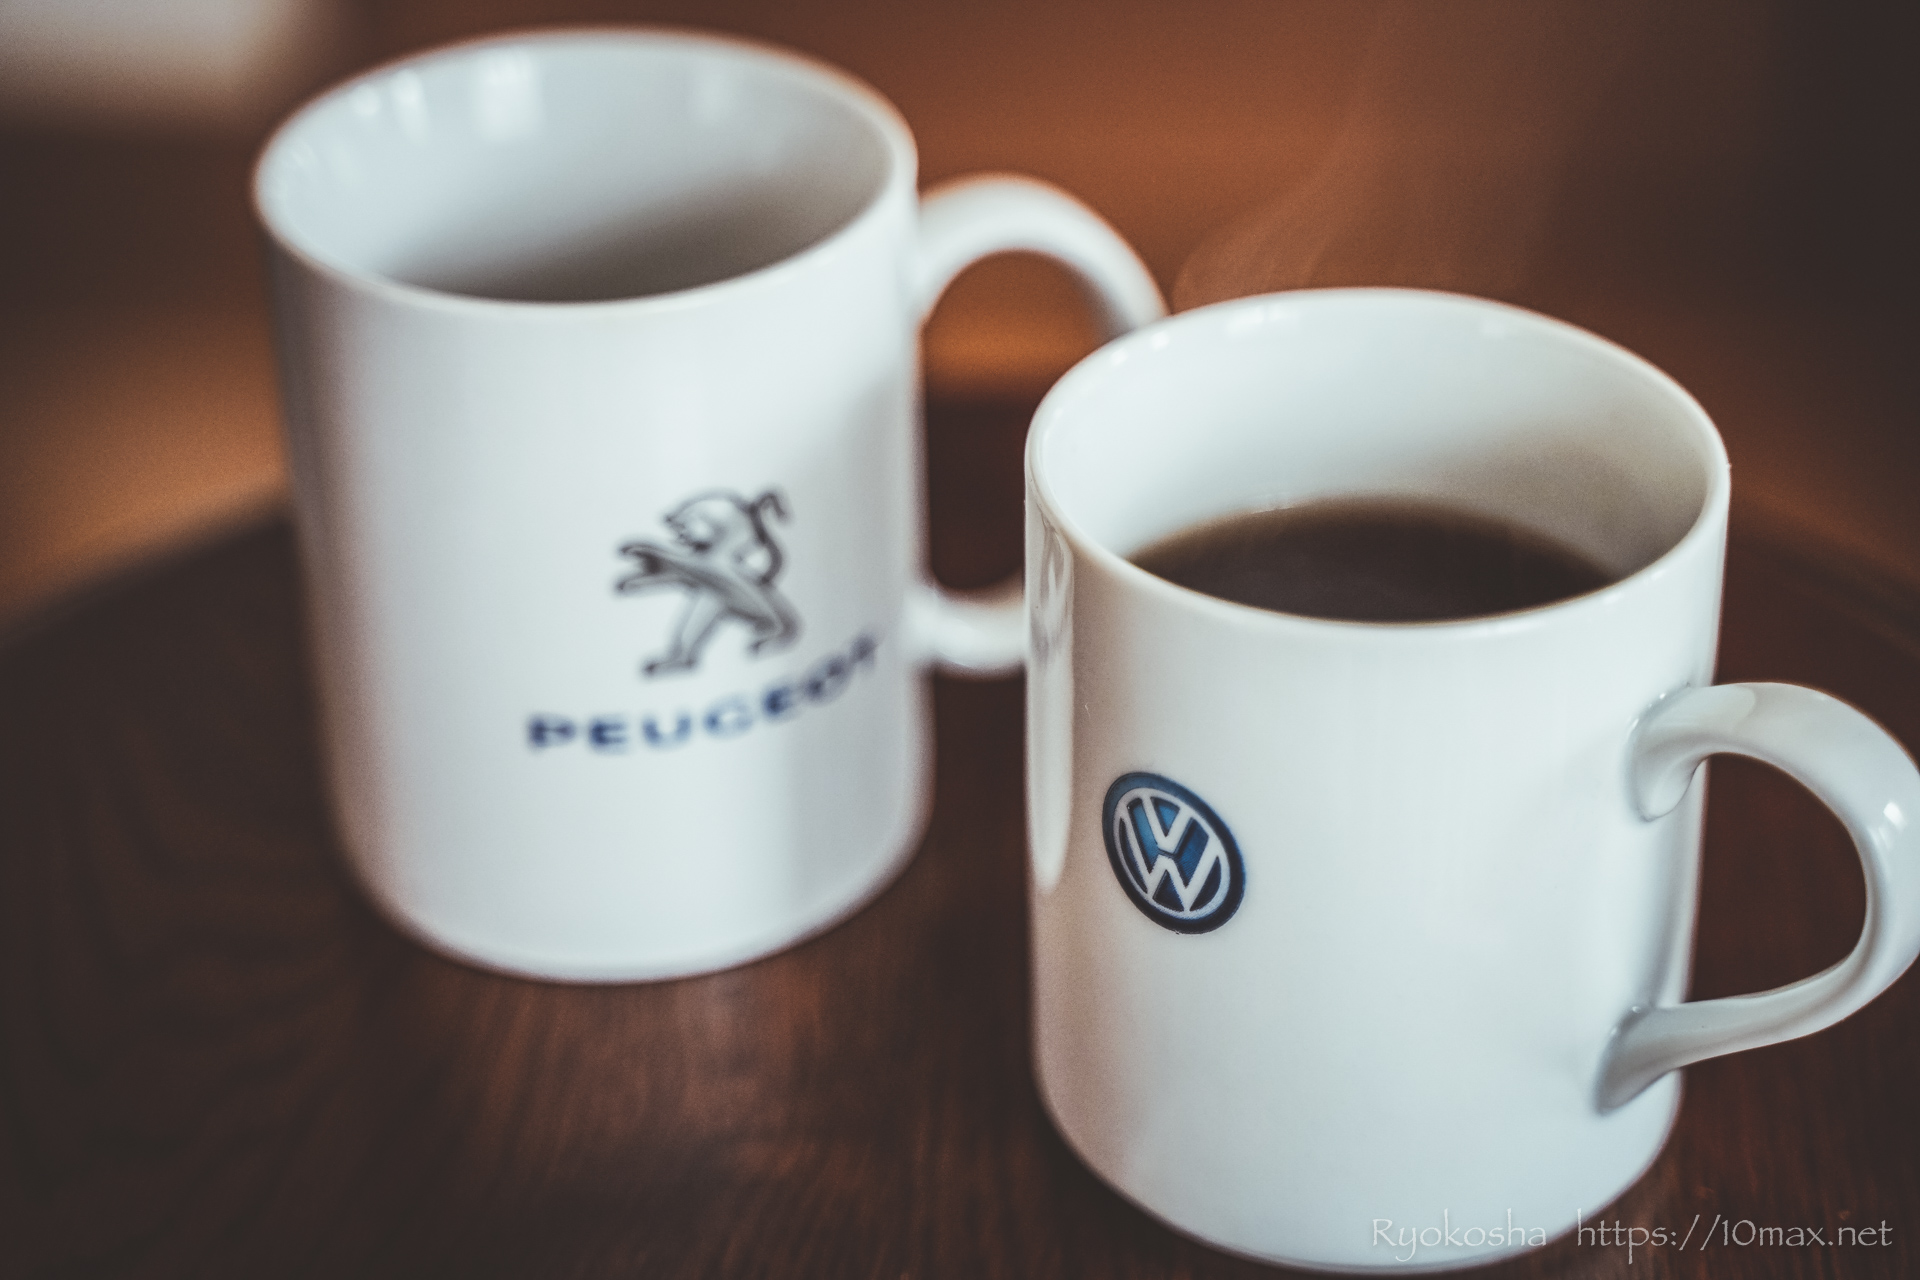 輸入車 ブランド グッズ ノベルティ 愛着 VW プジョー